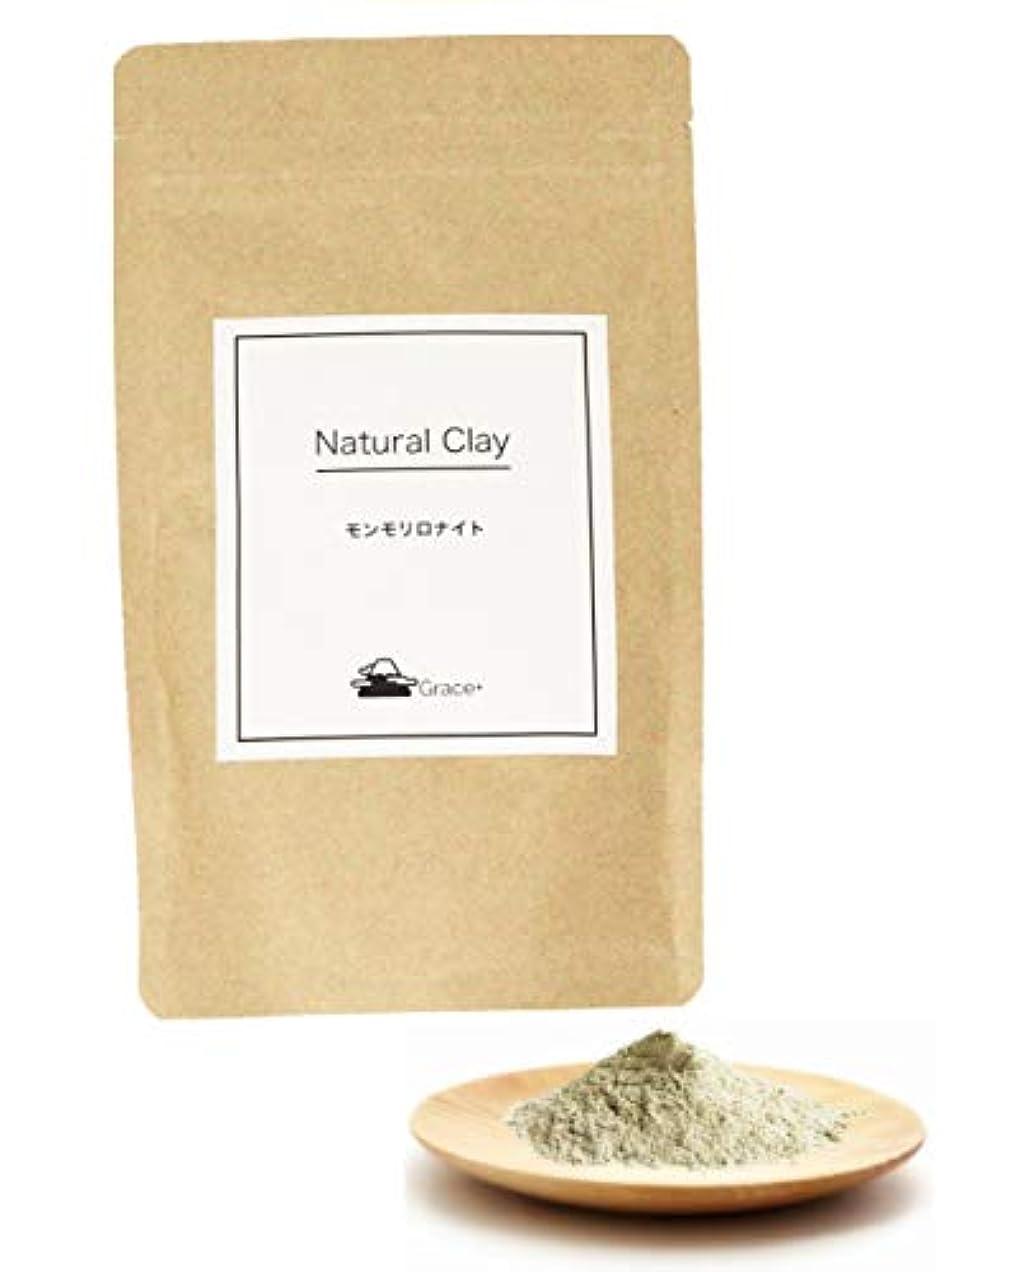 減衰署名危険な手作り化粧品の素材 Grace+ ナチュラルクレイ 100g(Natural Clay) モンモリロナイト (ベントナイト)